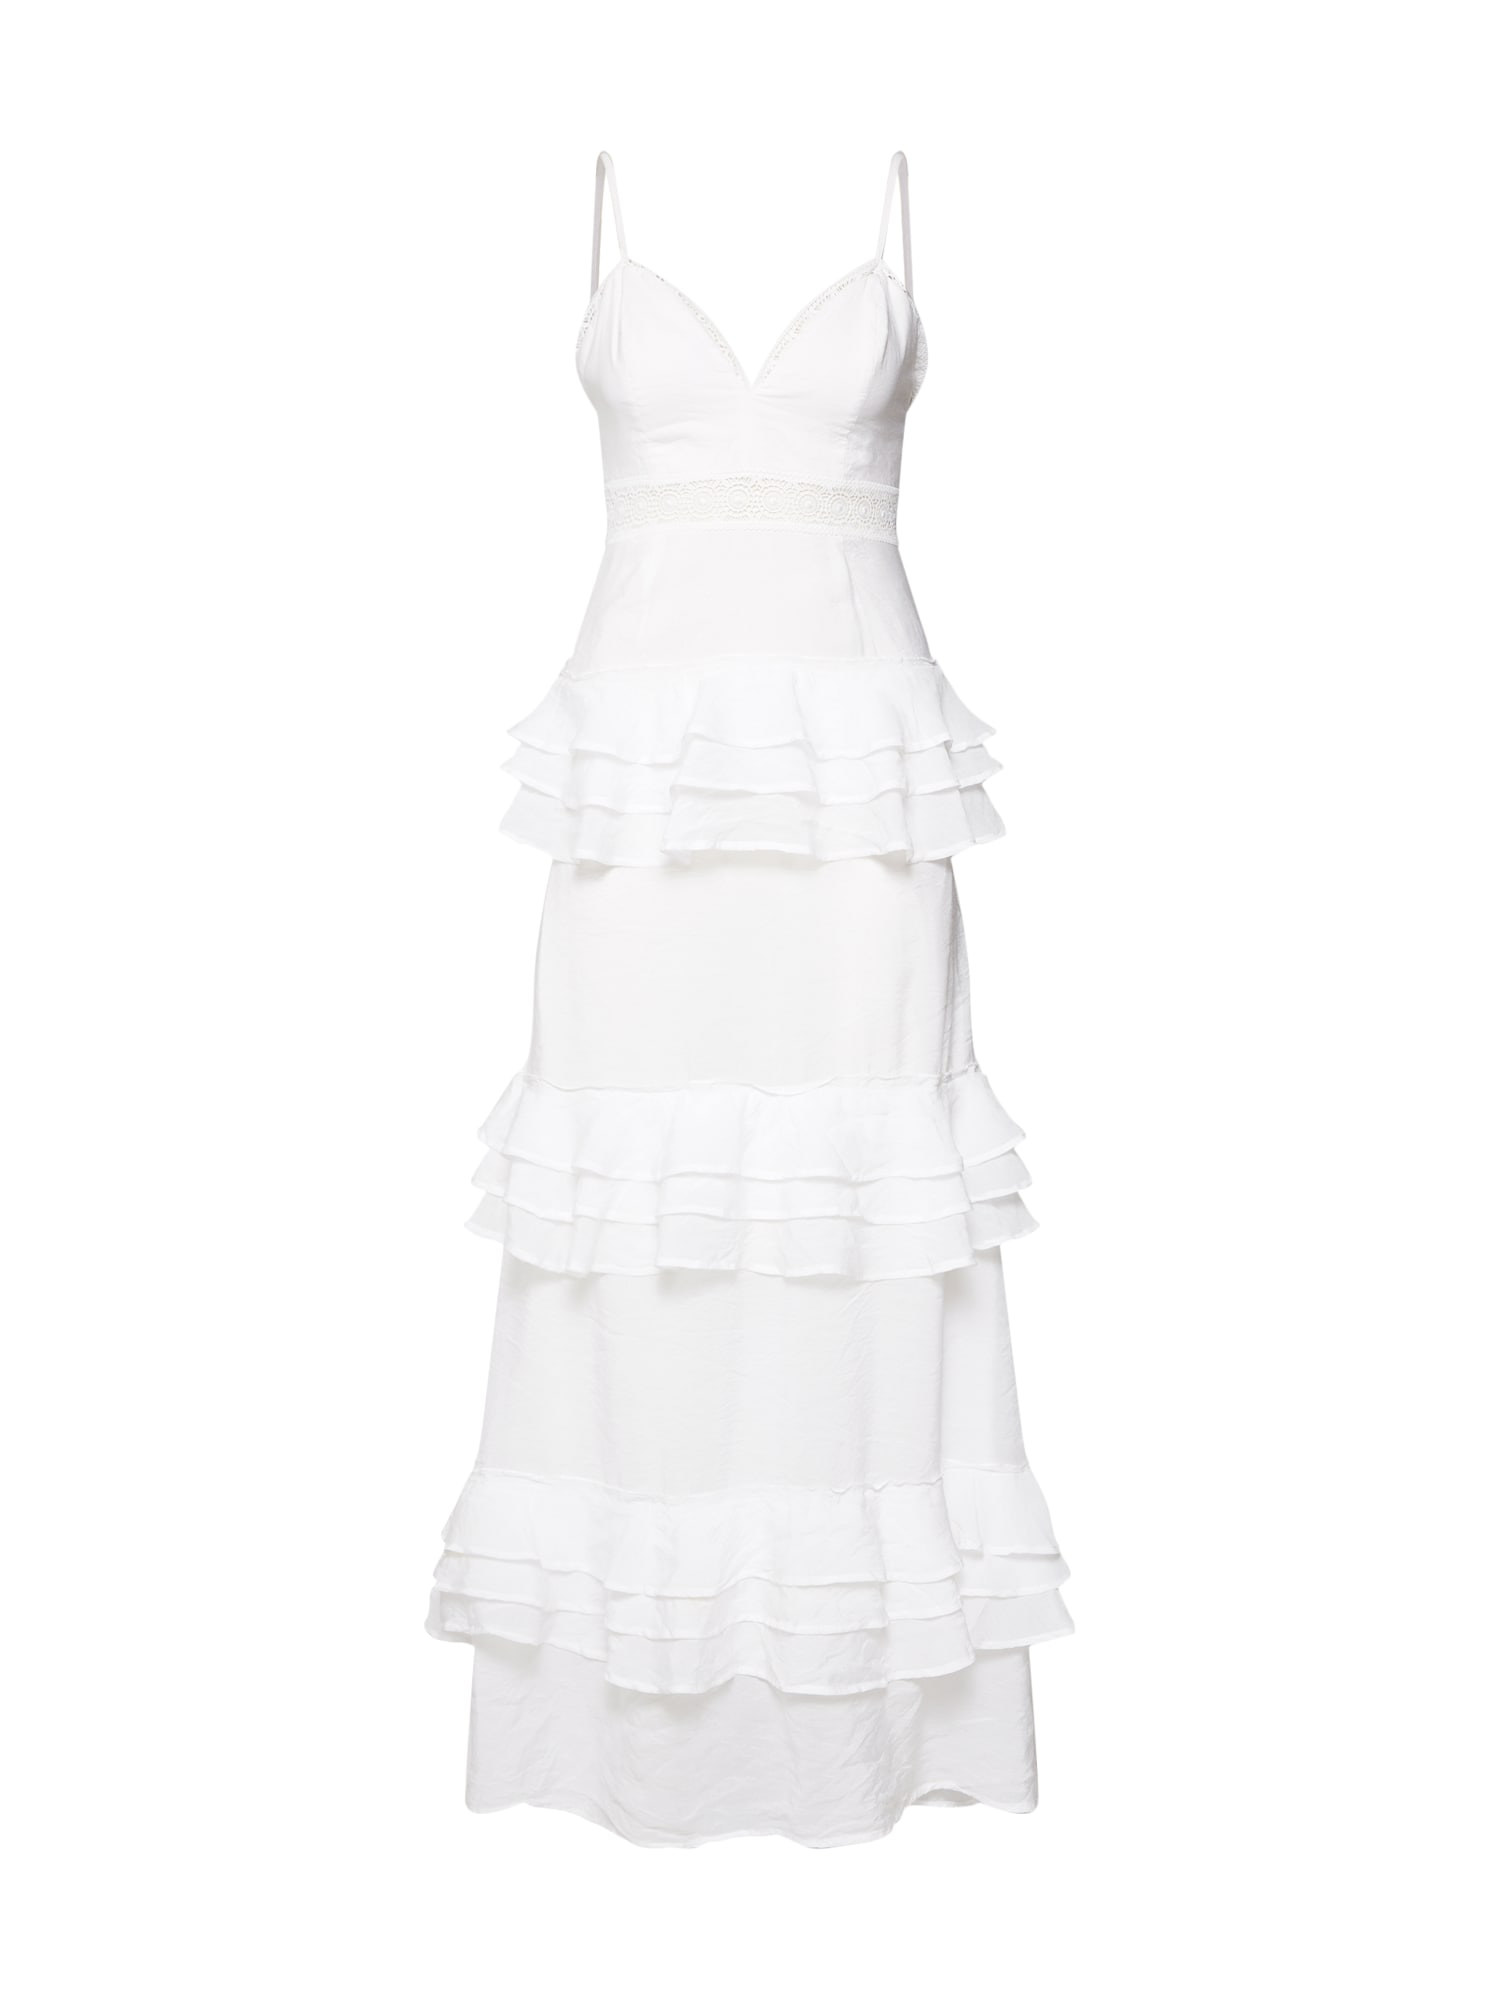 Letní šaty Ariel bílá By Malina